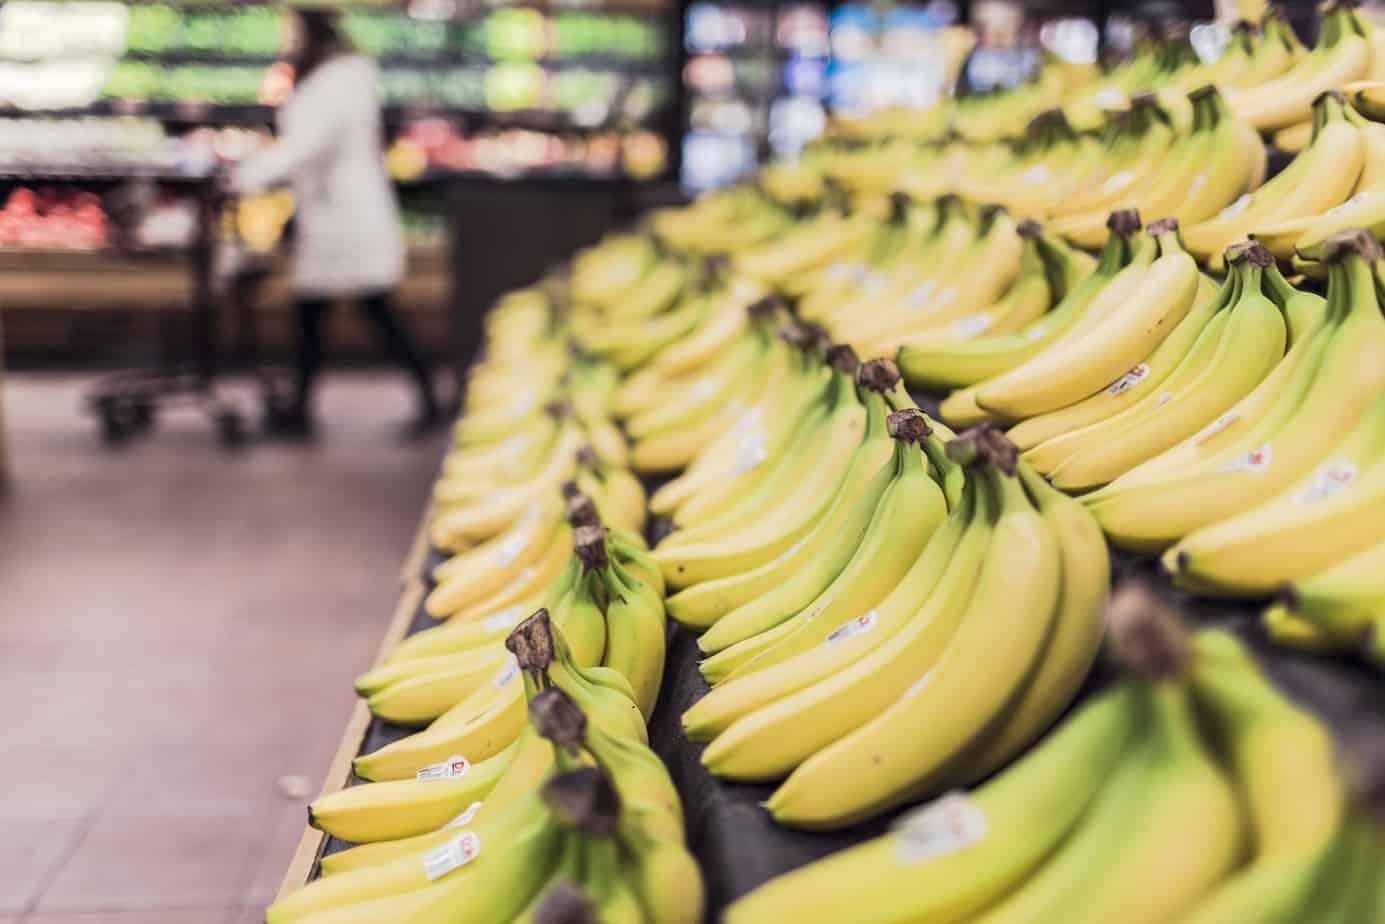 Horror Im Supermarkt - Mieth Me!